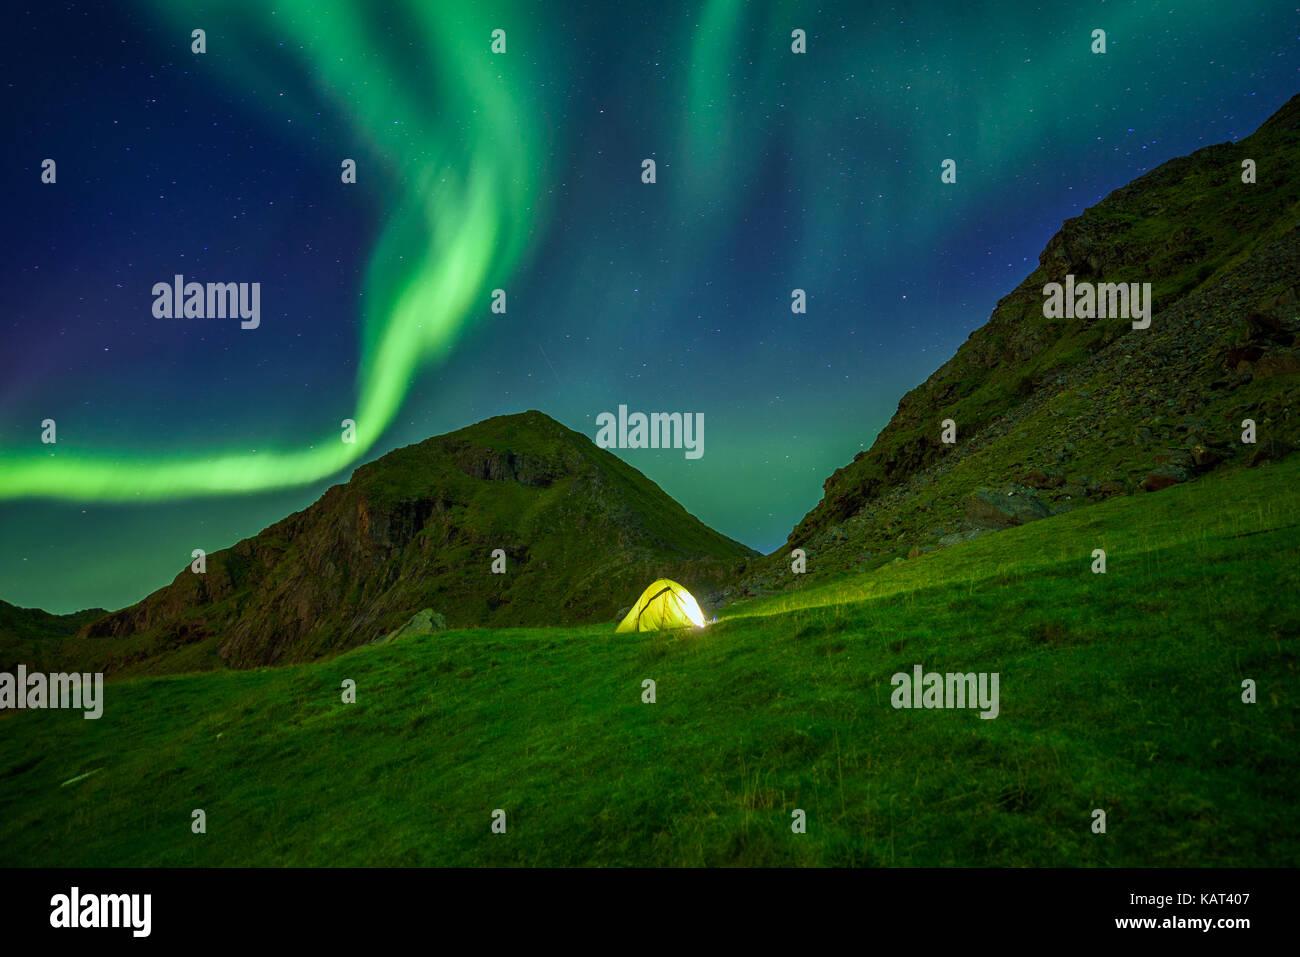 Tenda illuminata nelle isole Lofoten in Norvegia con la Northern lights overhead (aurora boreale) Immagini Stock